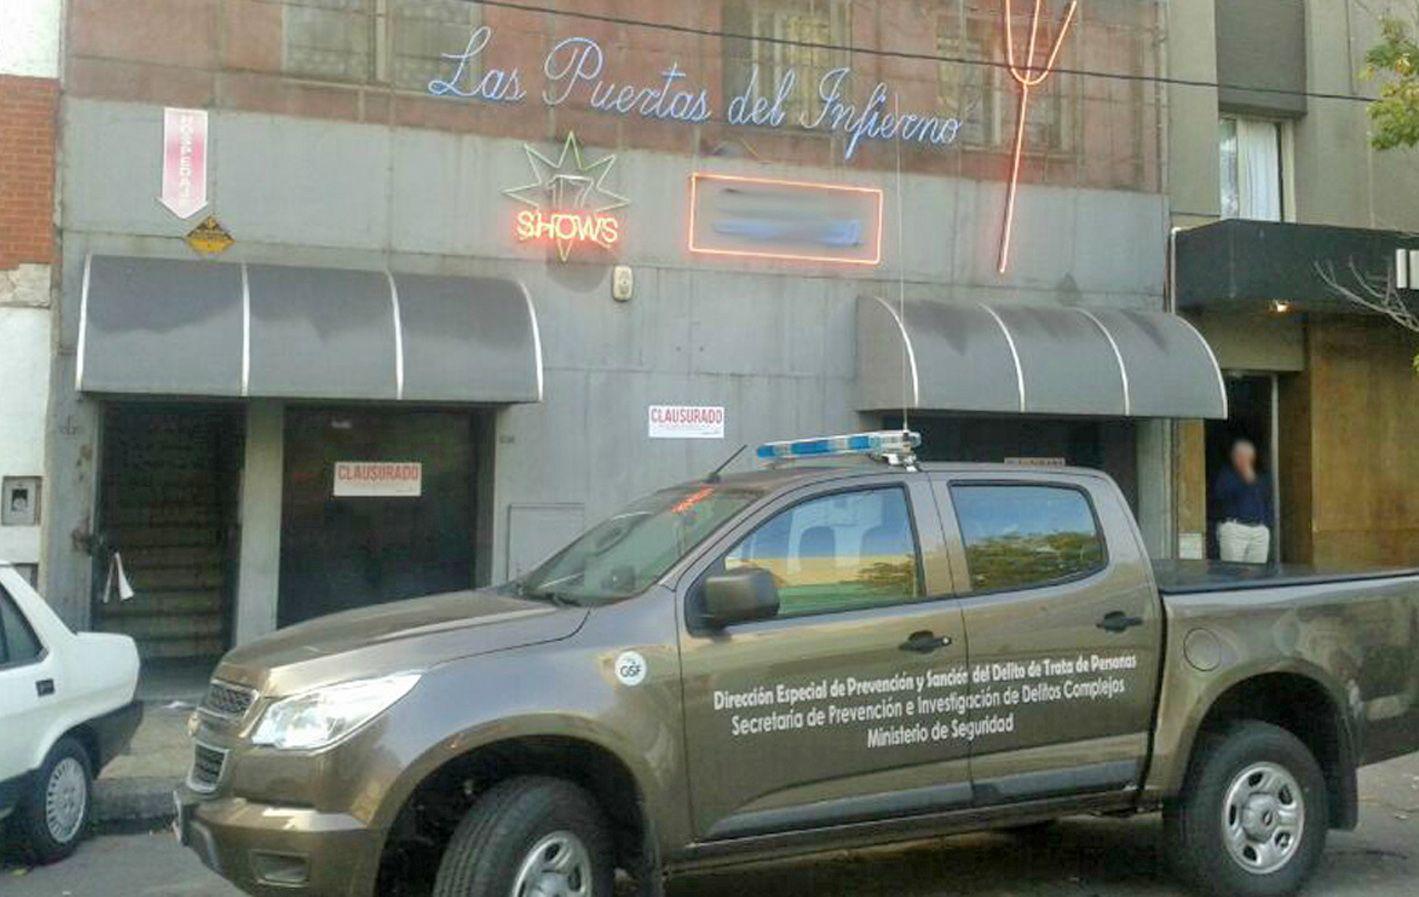 """No va más. Una camioneta de Delitos Complejos franquea el ingreso a La Rosa a metros del cartel """"Las puertas del Infierno"""""""